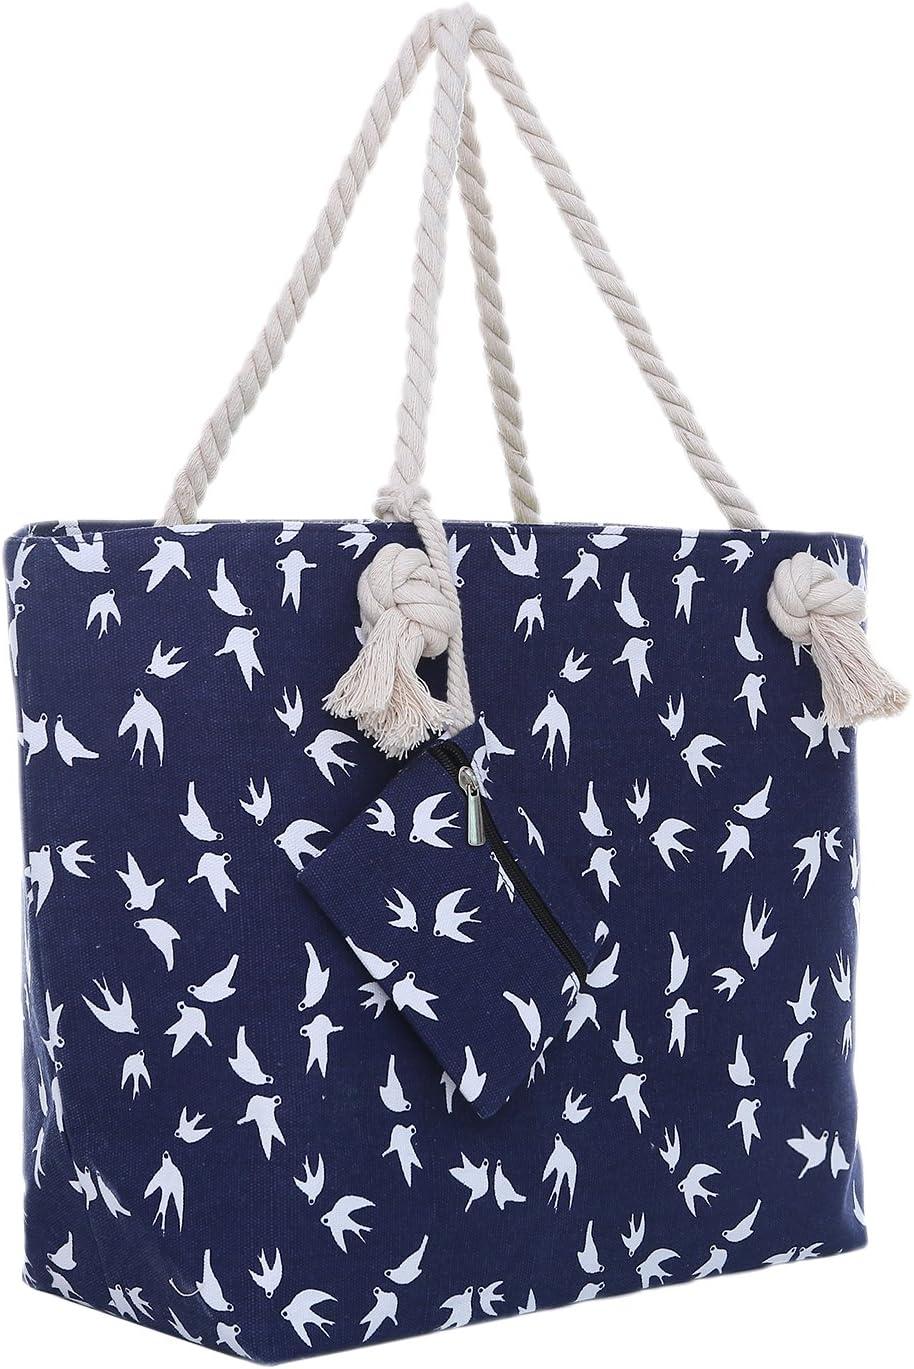 Bolsa de Playa Grande con Cremallera 58 x 38 x 18 cm diseño marítimo Gaviota Azul Blanco Shopper Bolsa de Hombro Estilo de yate (Yacht Style)